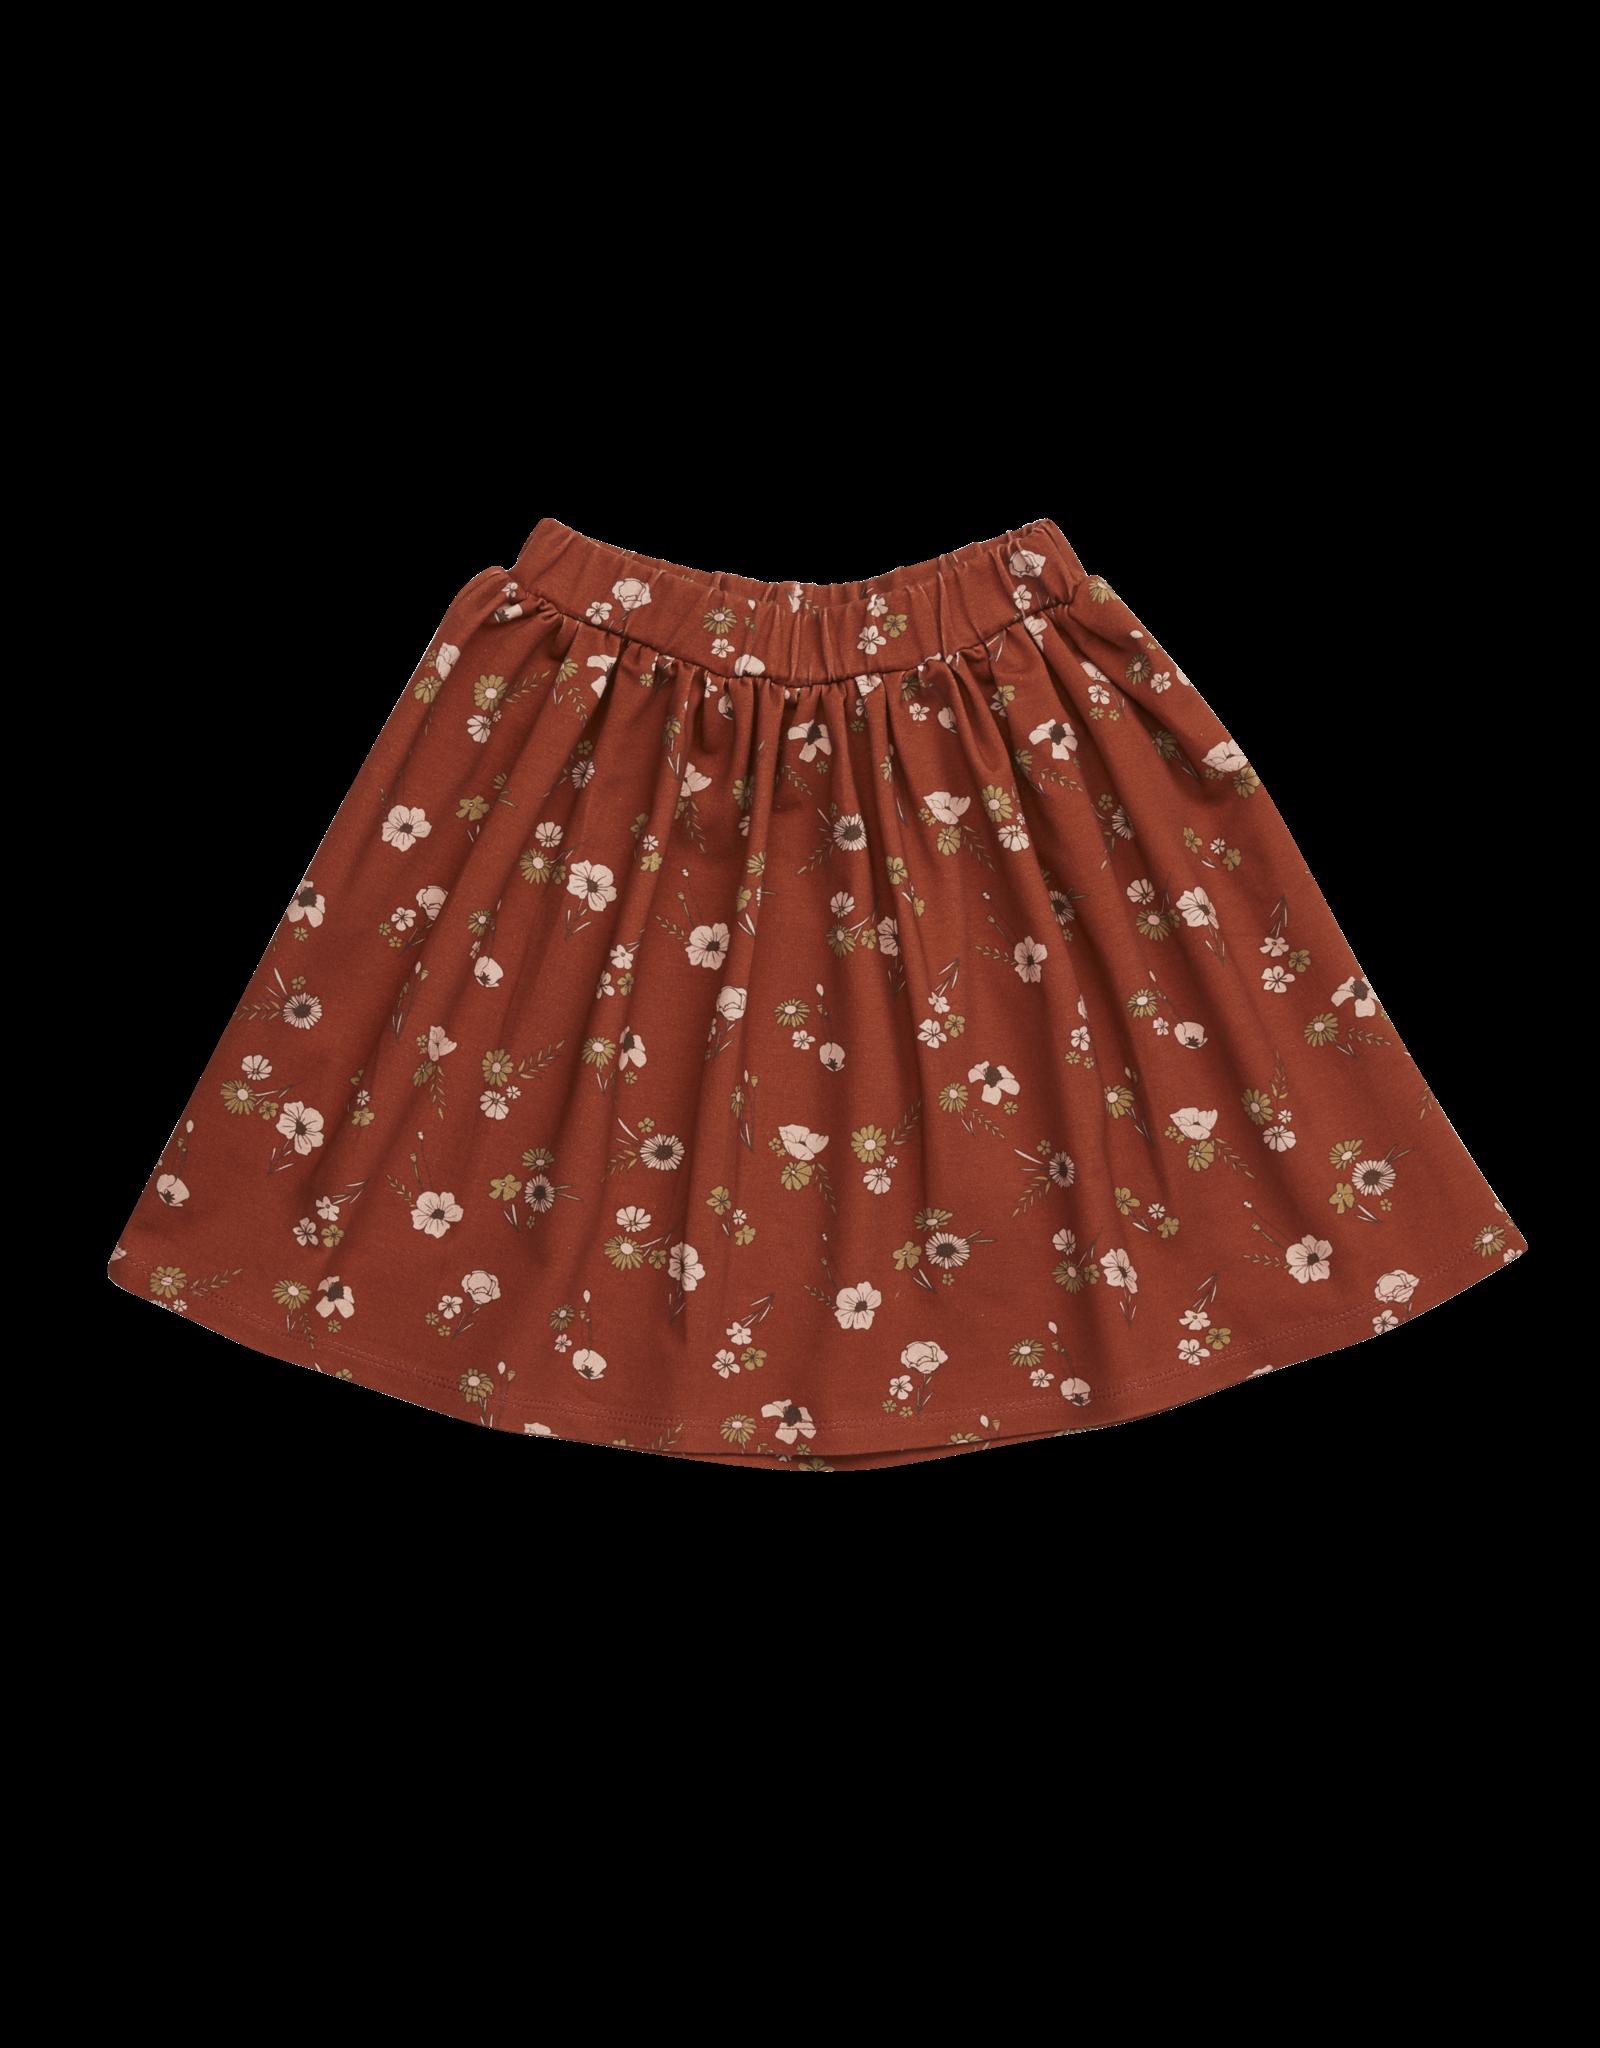 Blossom Kids Skirt Festive Floral - Dusty Terra